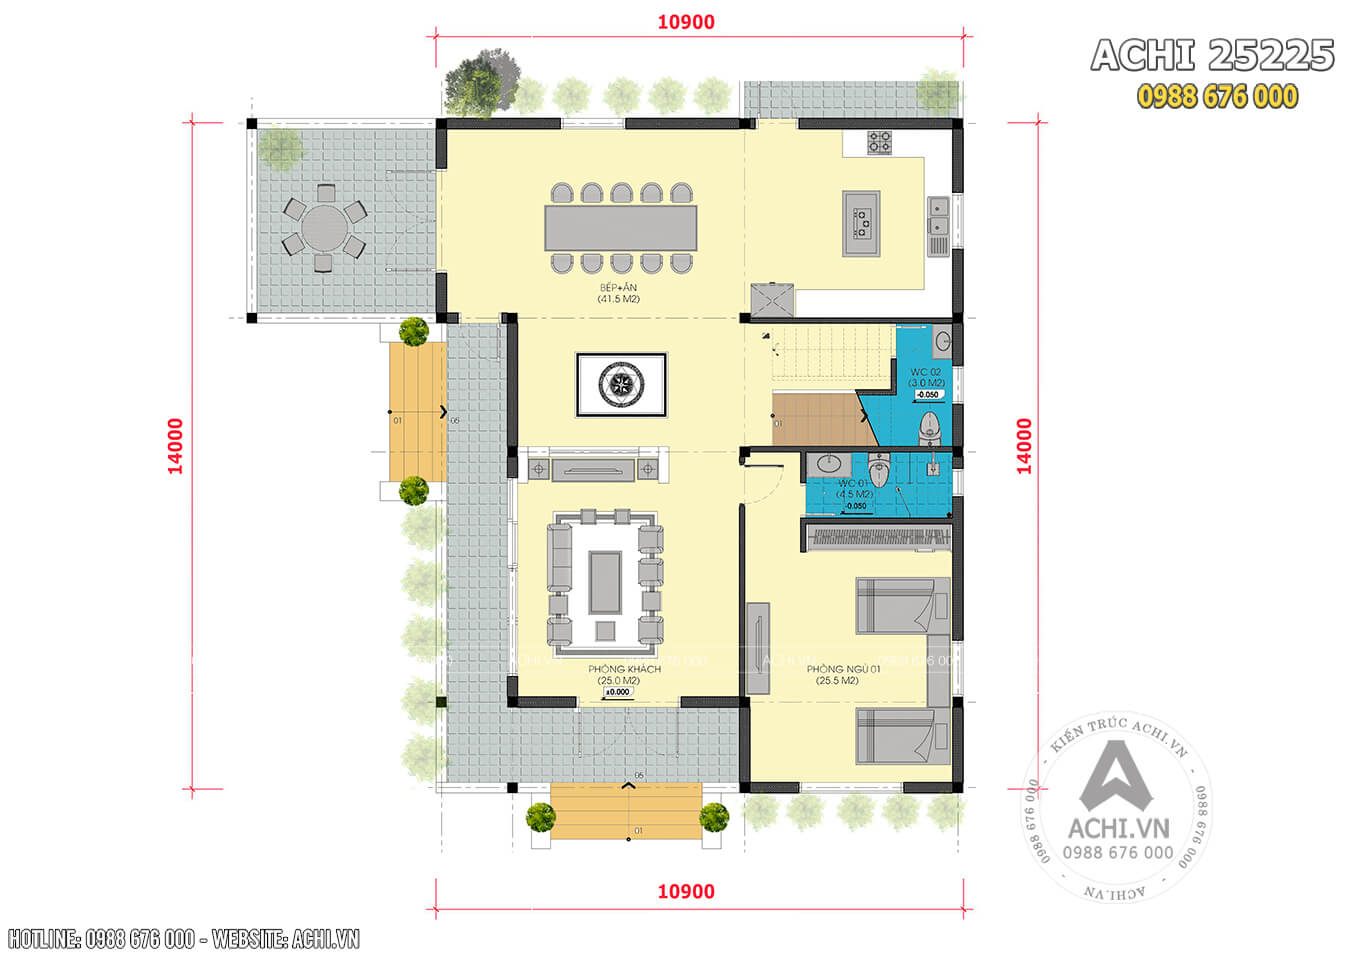 Mặt bằng tổng thể mẫu nhà biệt thự 2 tầng mái Thái đẹp ACHI 25225